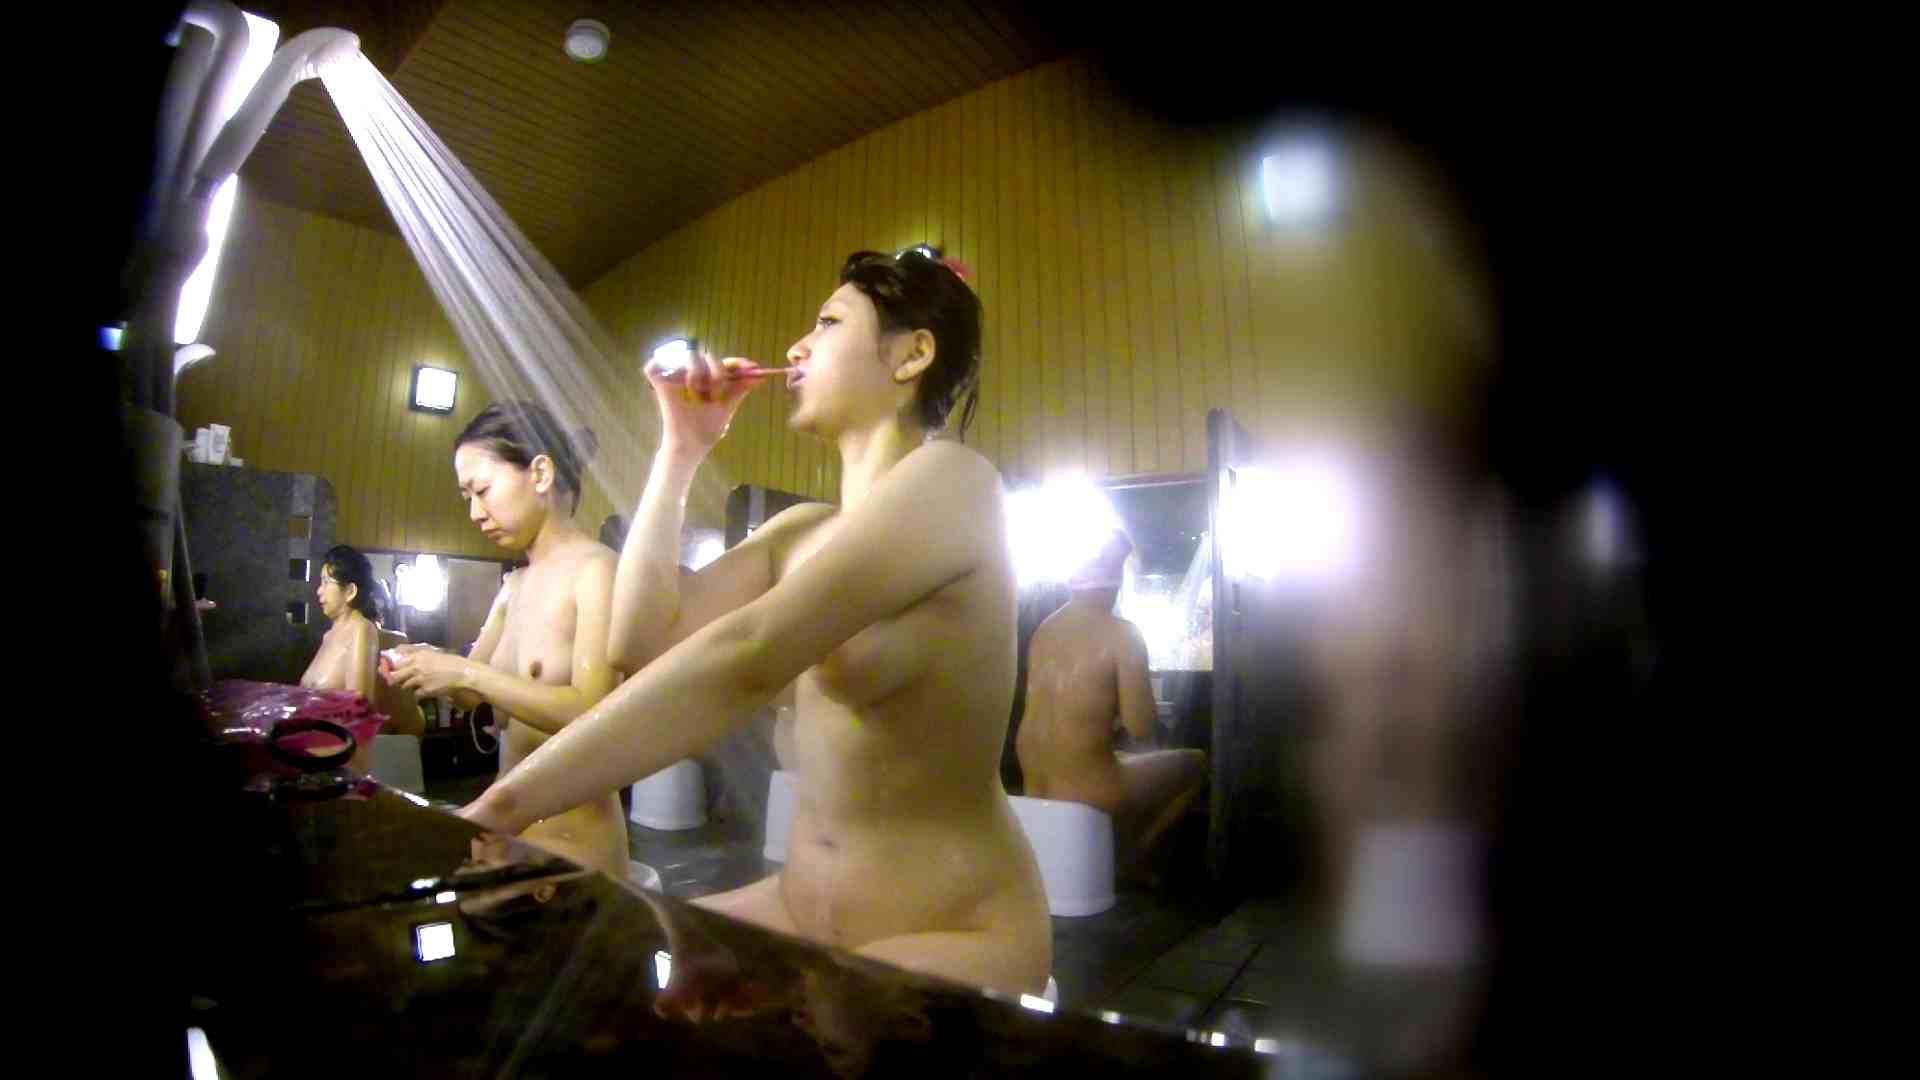 洗い場!柔らかそうな身体は良いけど、歯磨きが下品です。 潜入 | 女湯  107画像 29